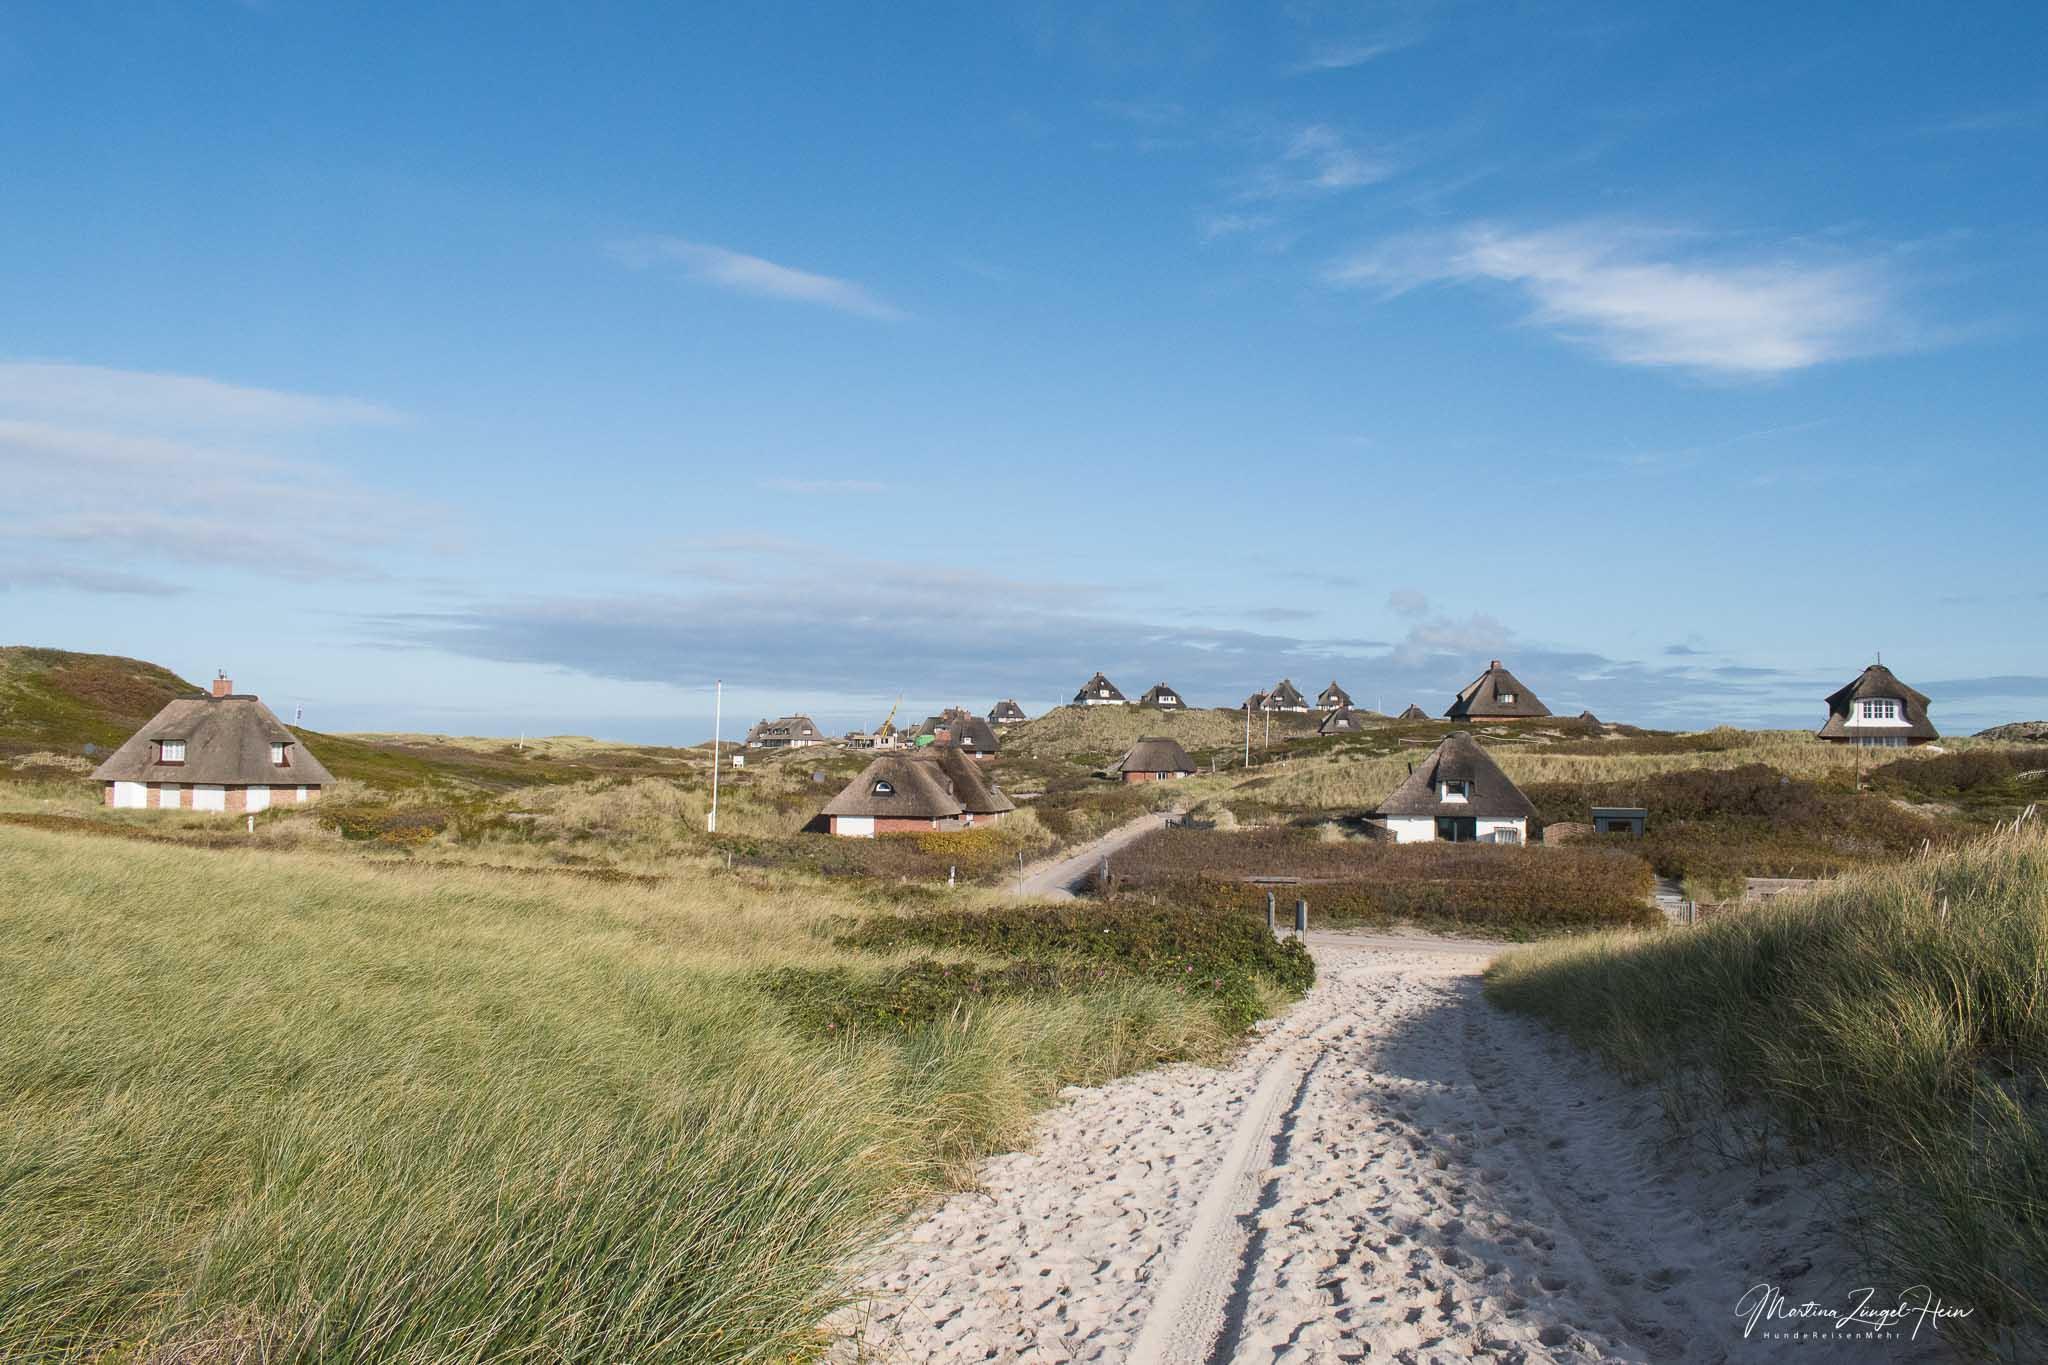 Über die Kersig-Siedlung geht es zur Hörnum-Odde